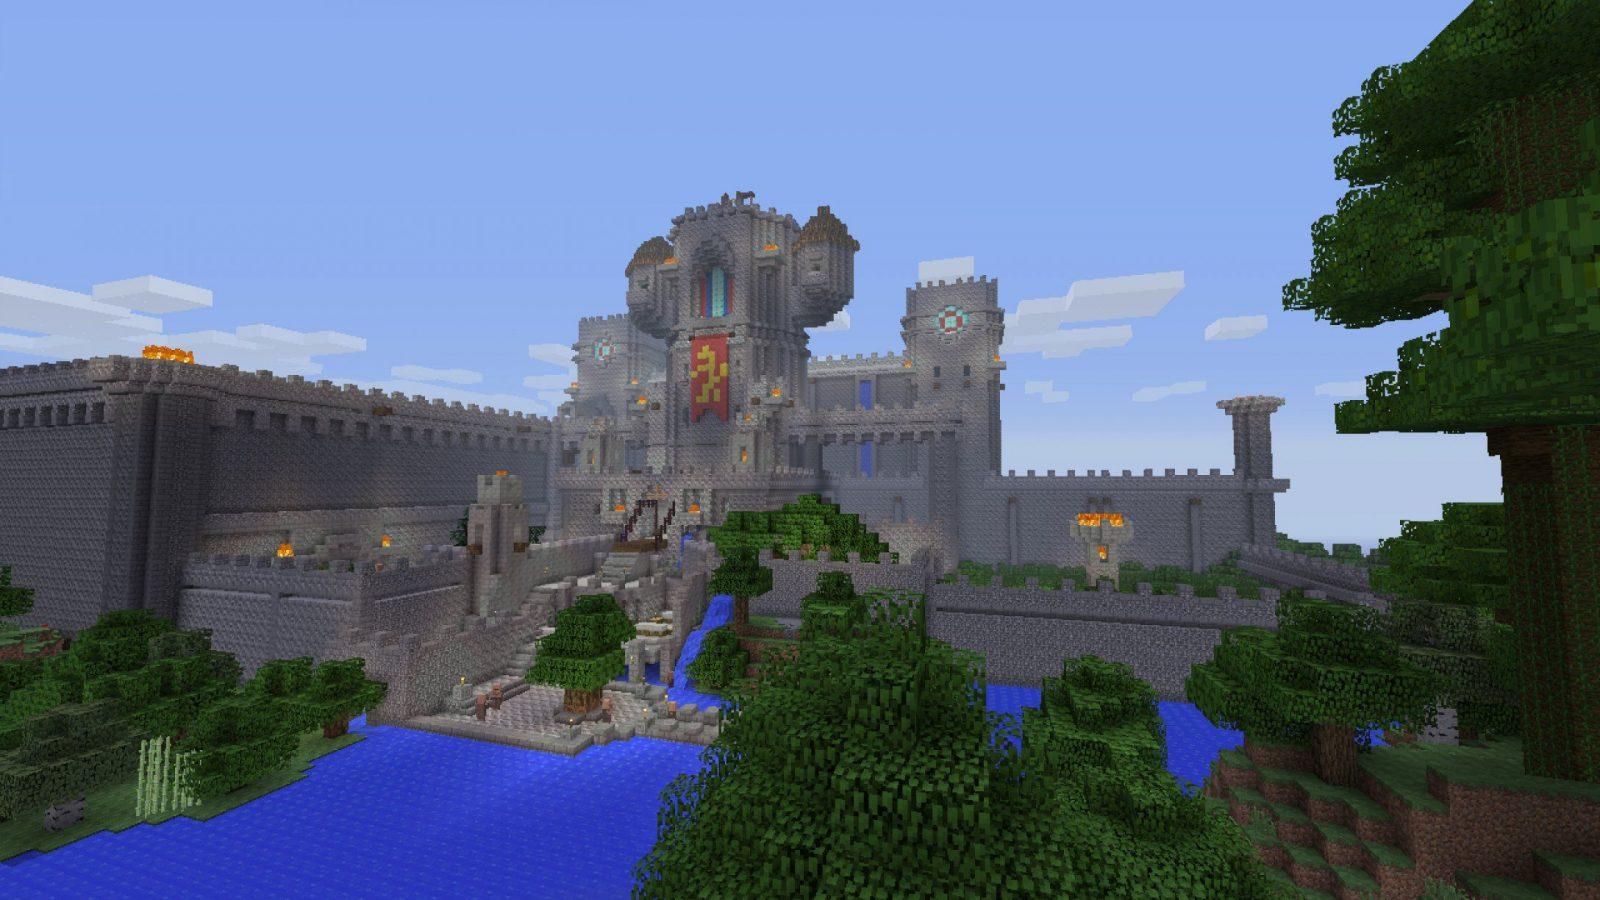 Minecraft Playstation 3 Edition Gets A Bluray Release Next Month von Minecraft Seeds Ps4 Castle Photo